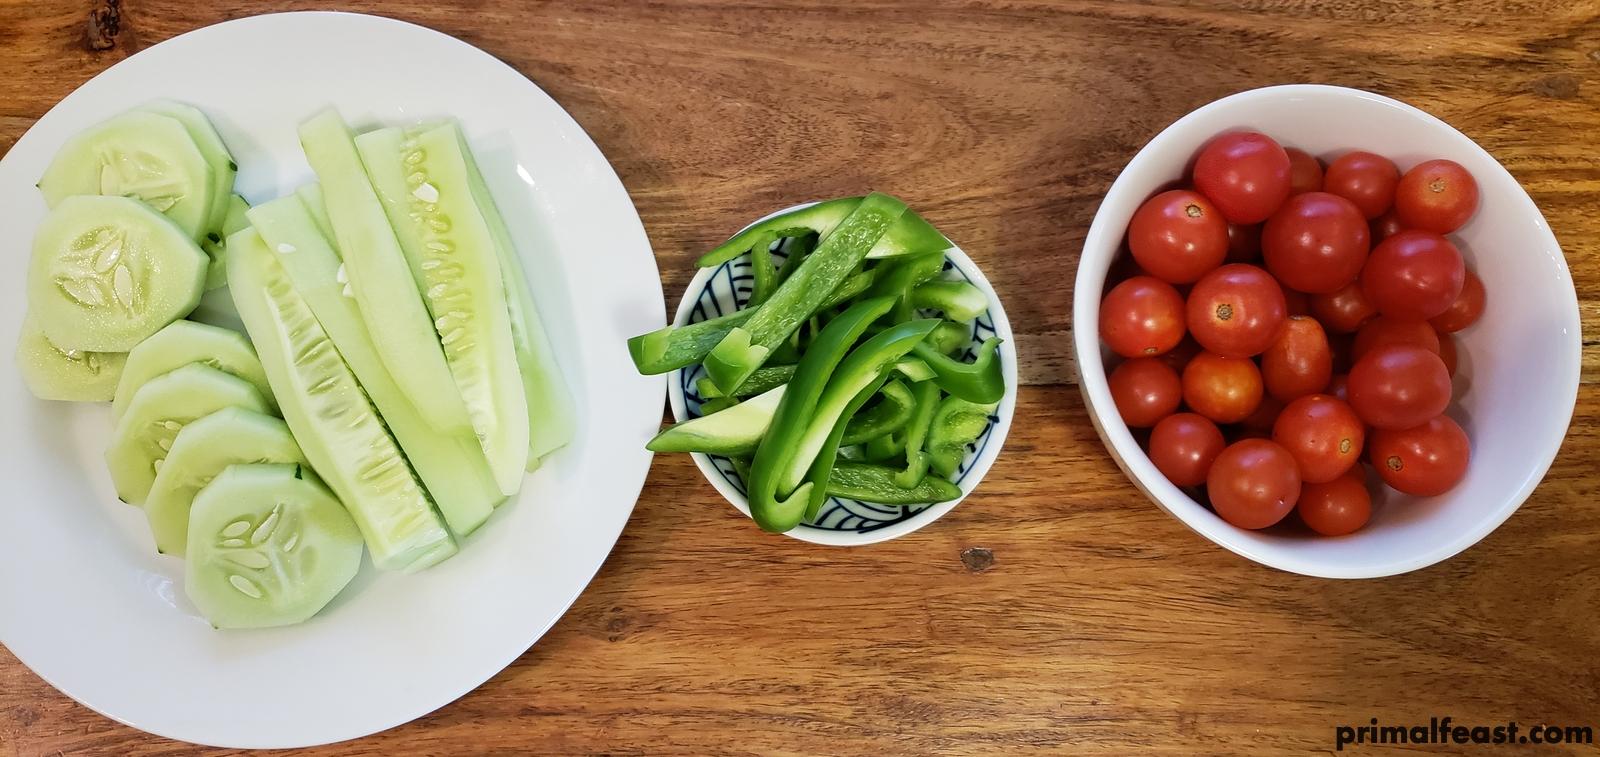 2018 0706 garden veggies.jpg